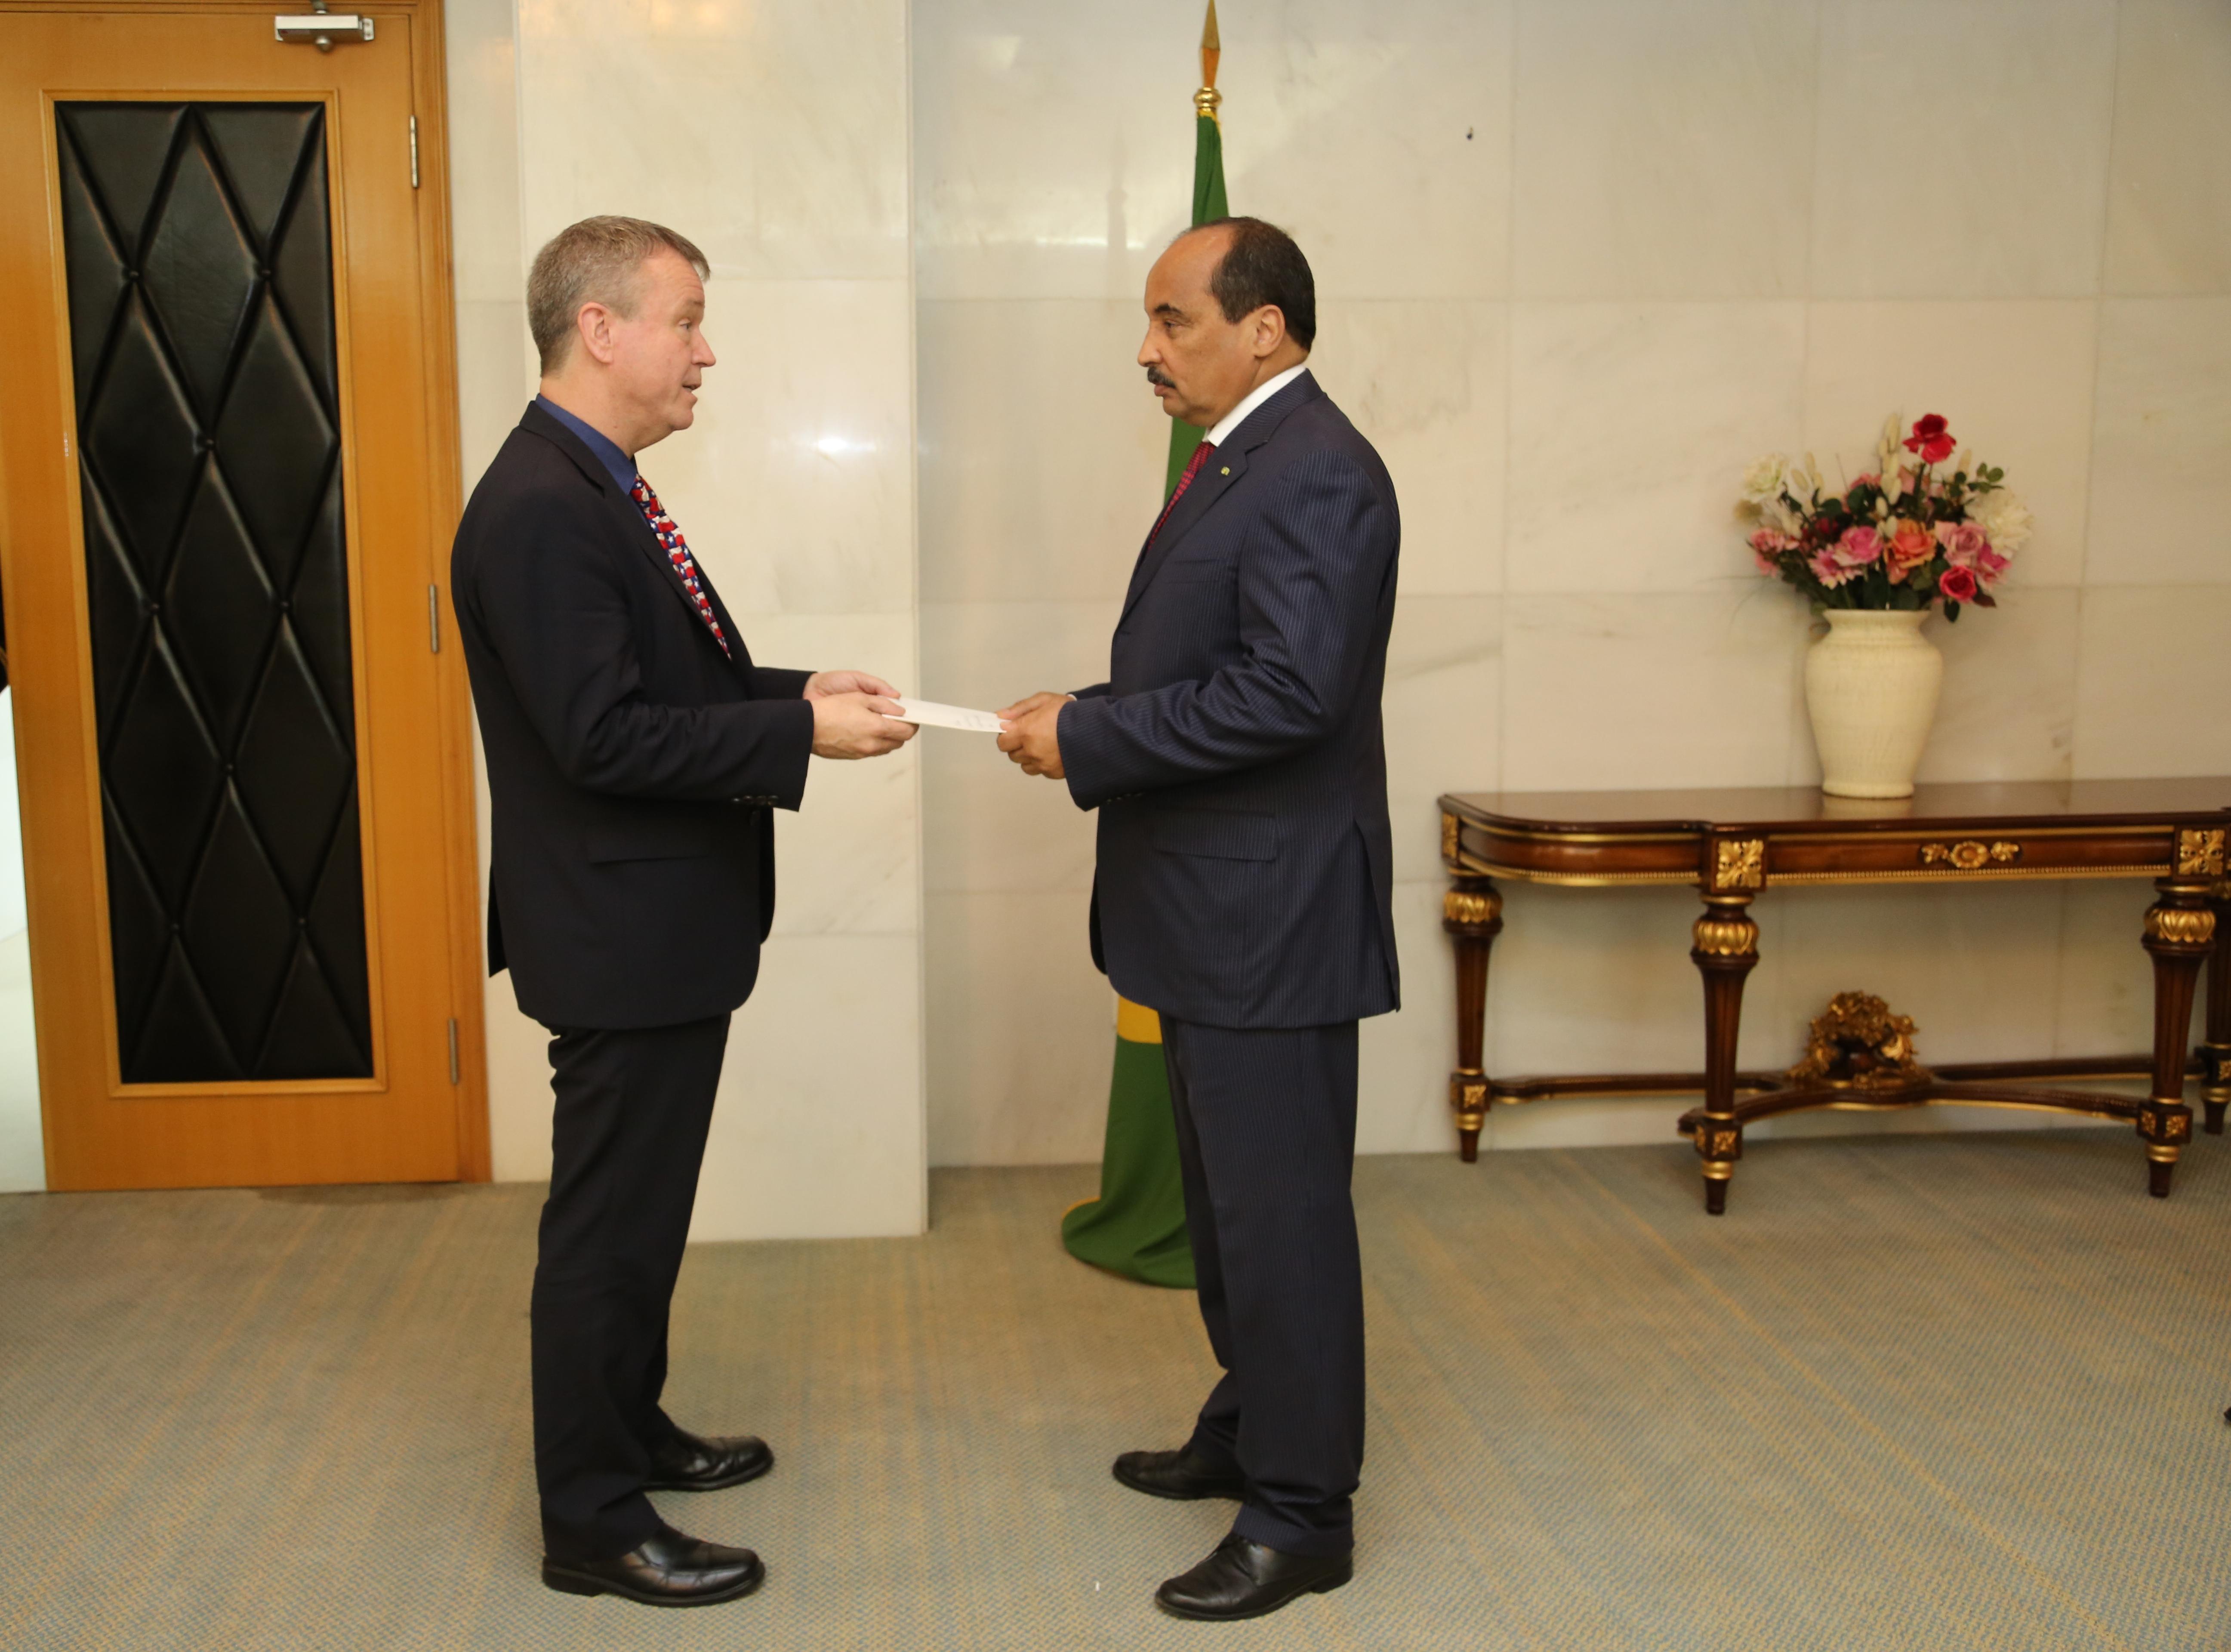 سفير أمريكا بموريتانيا : البوليساريو أسقطت 3 قذائف هاون على السفارة الأمريكية بنواكشوط